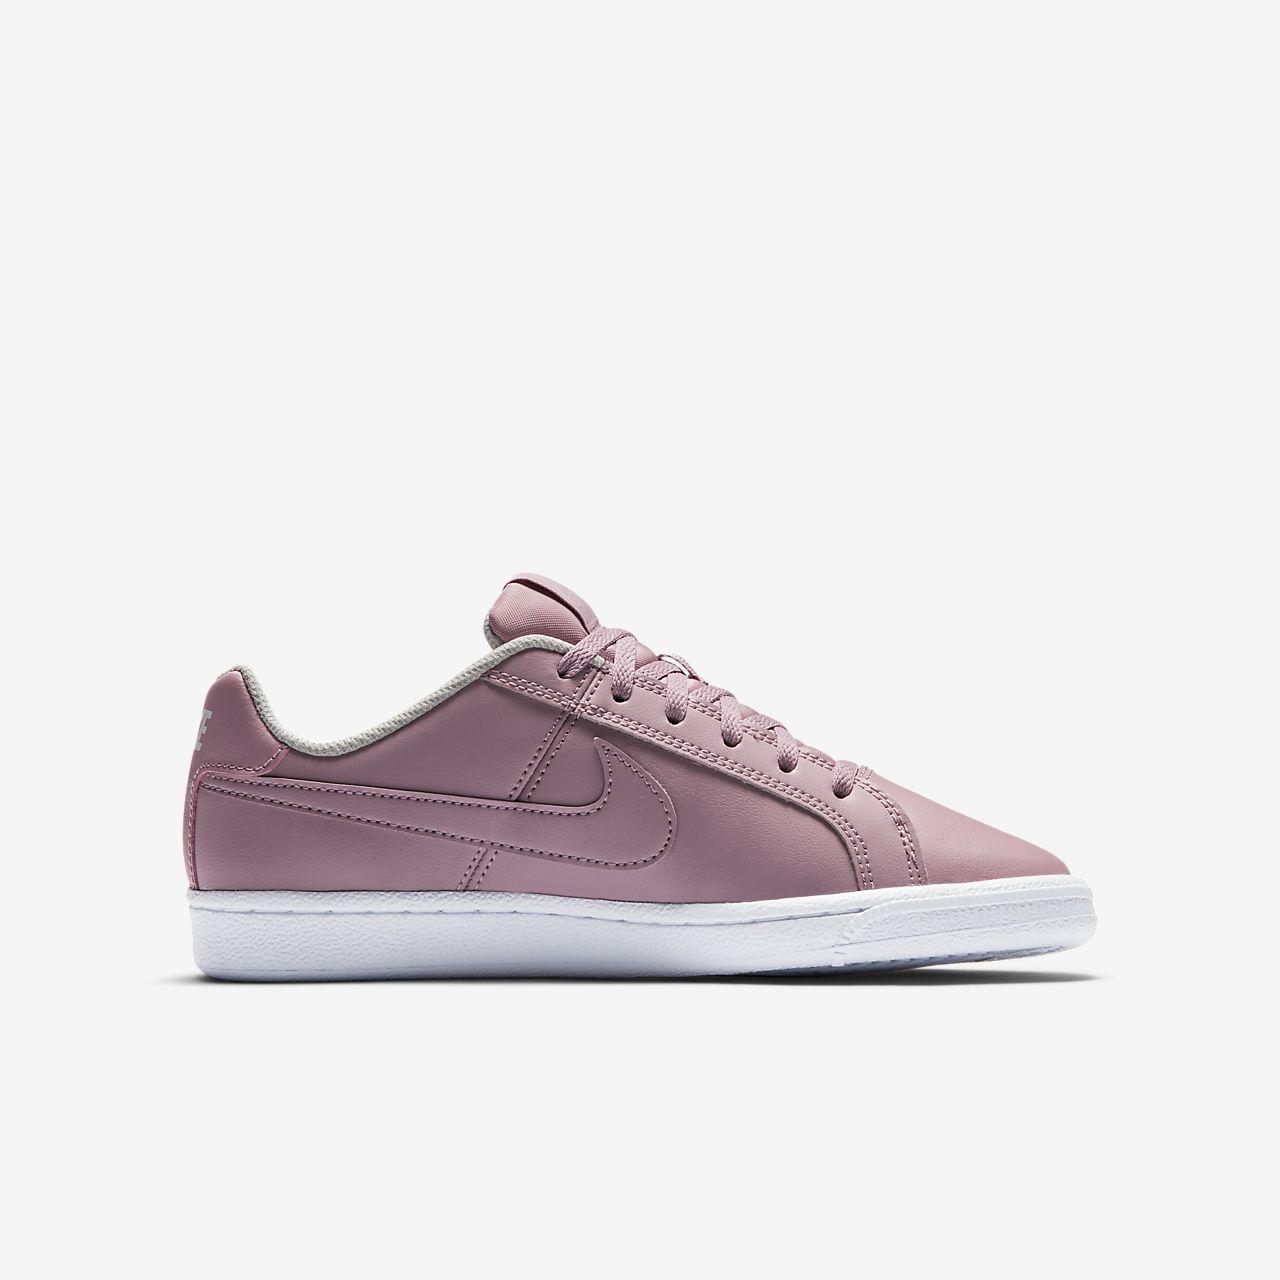 c6ade91e22dc NikeCourt Royale Older Kids  Shoe. Nike.com NO